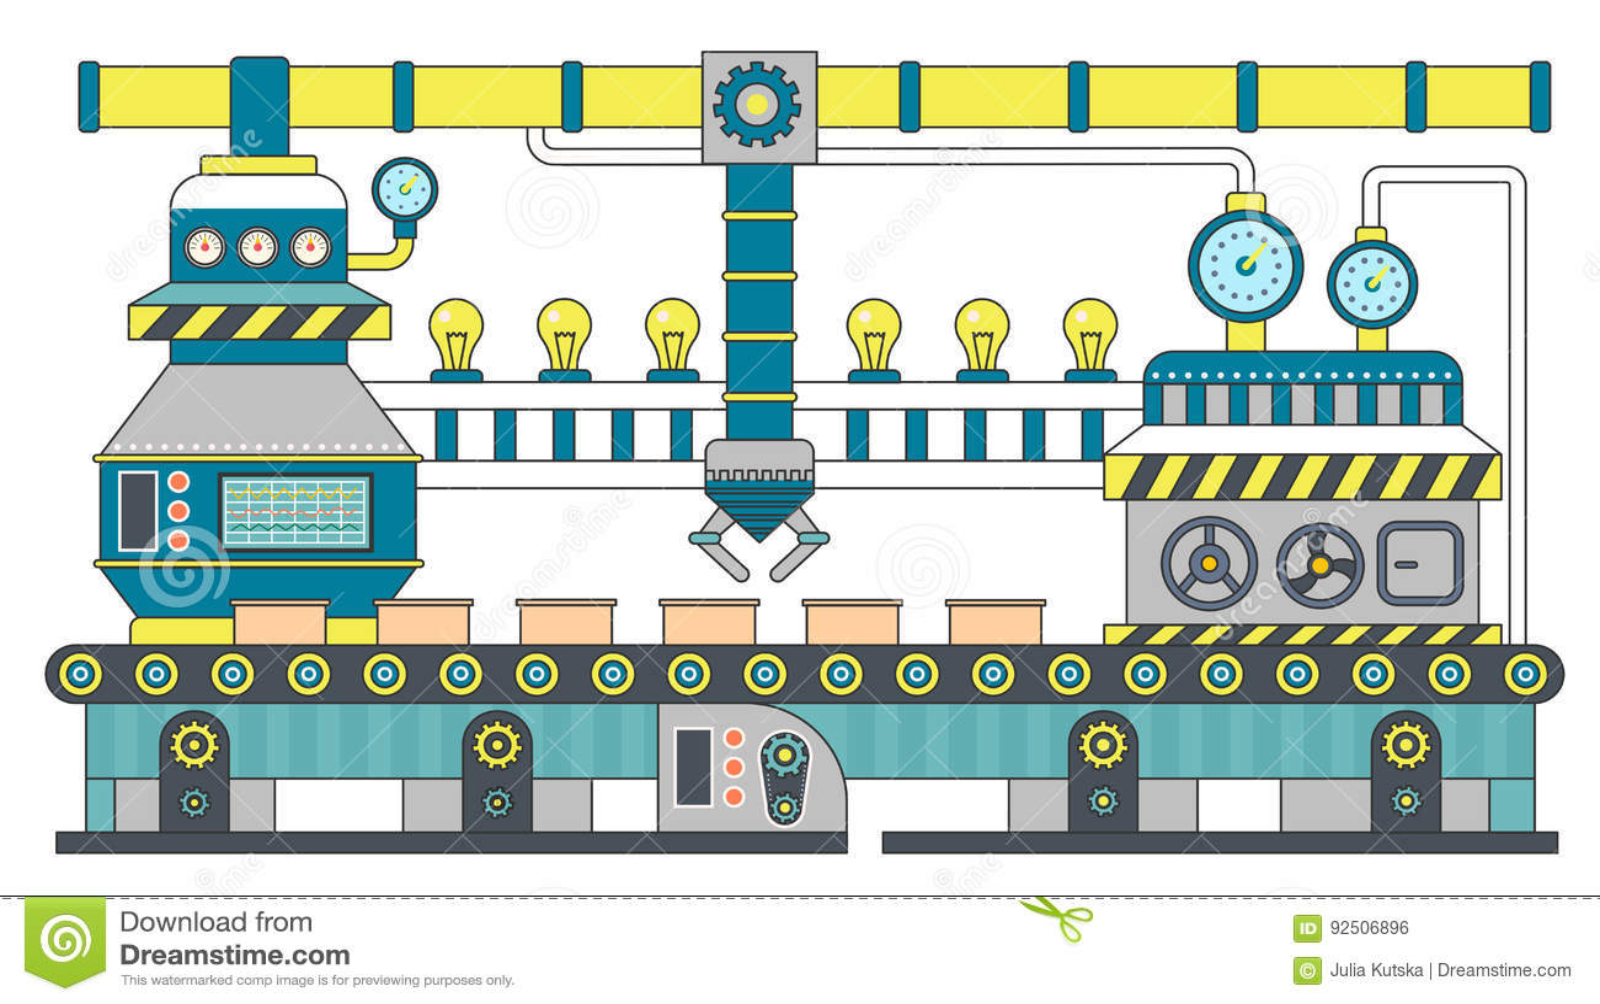 Транспортер поточной линии не запускается т5 транспортер